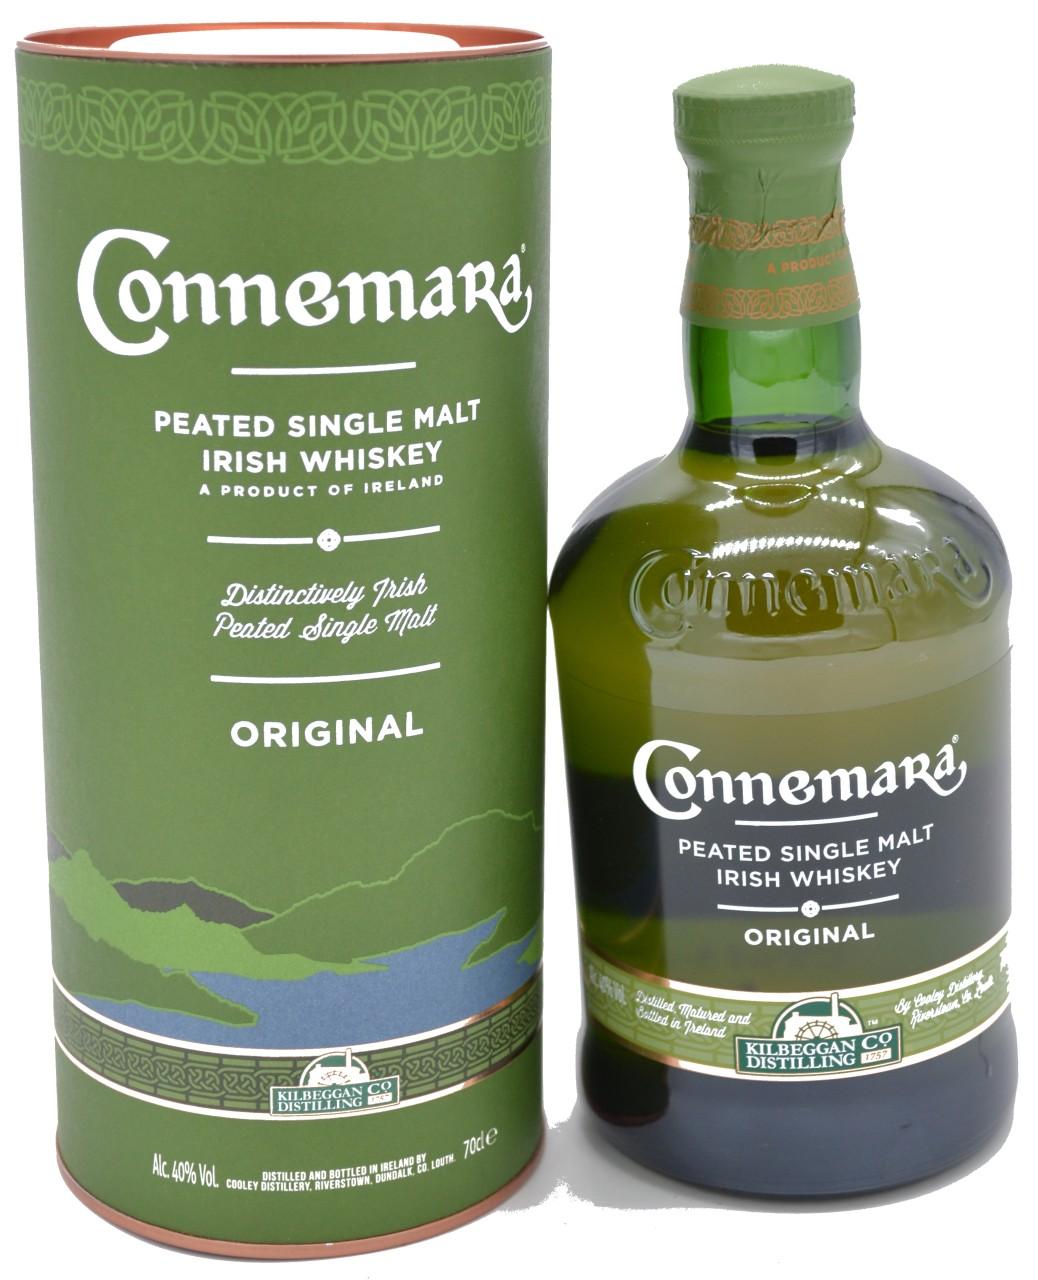 Connemara Peated Single Malt Original